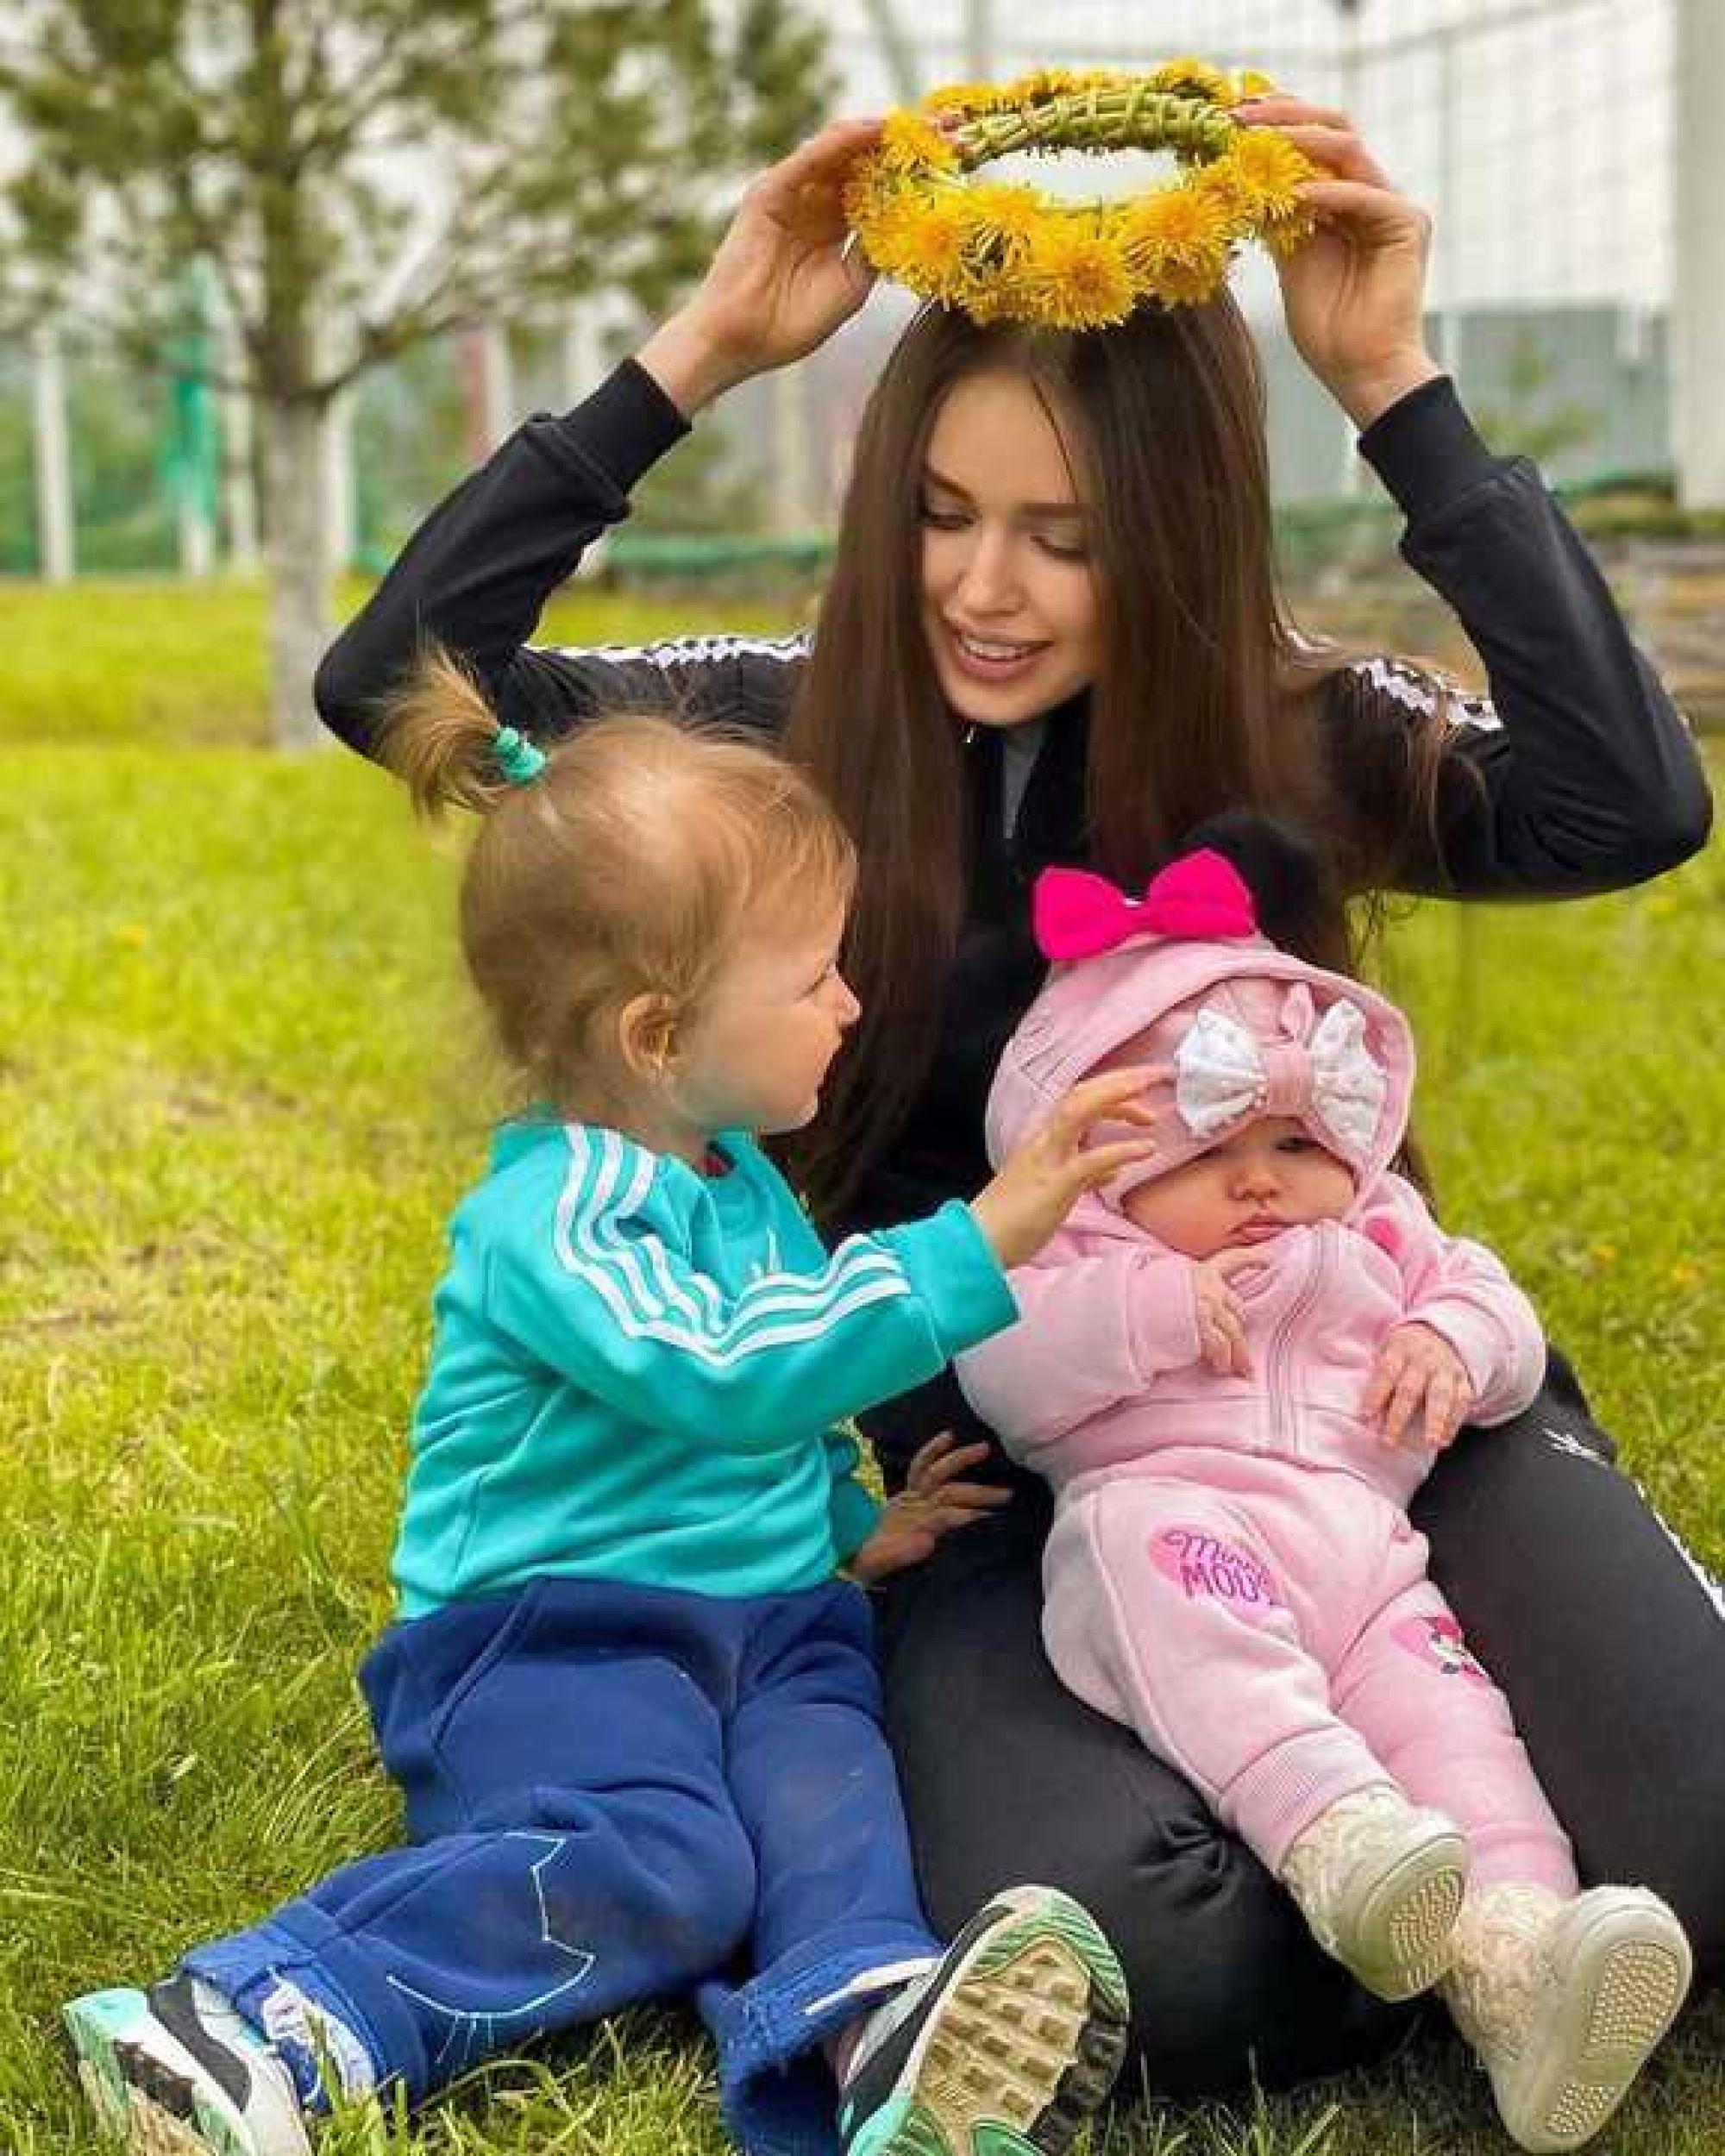 «Мы на месте»: Анастасия Костенко с детьми приехала к Дмитрию Тарасову в Казань